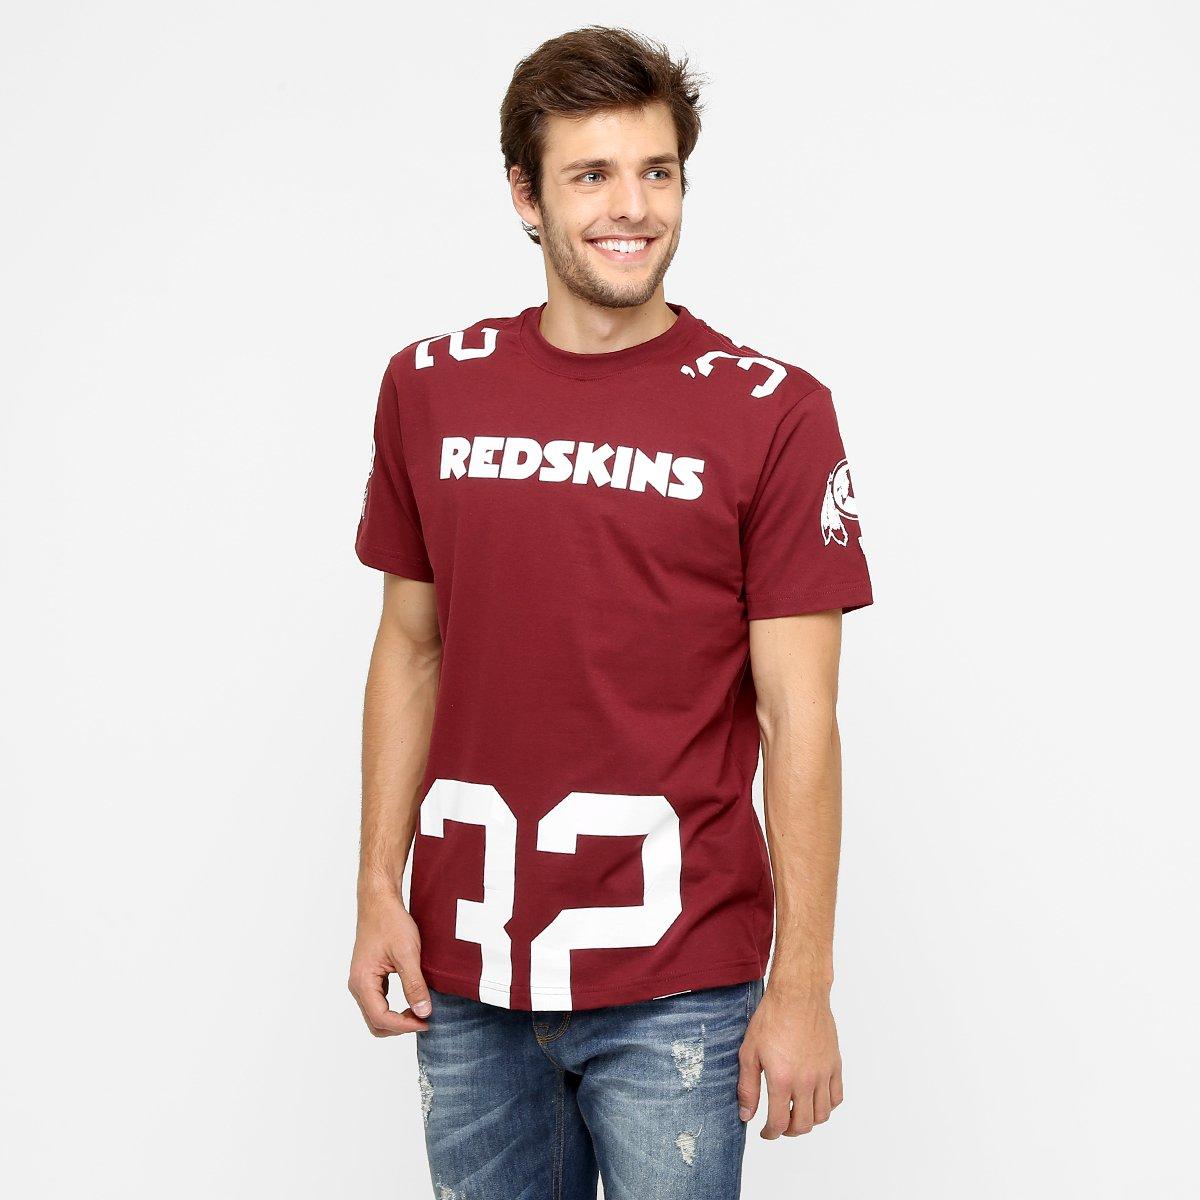 4b3c5e41f Camiseta New Era NFL Number Cut Washington Redskins - Compre Agora ...